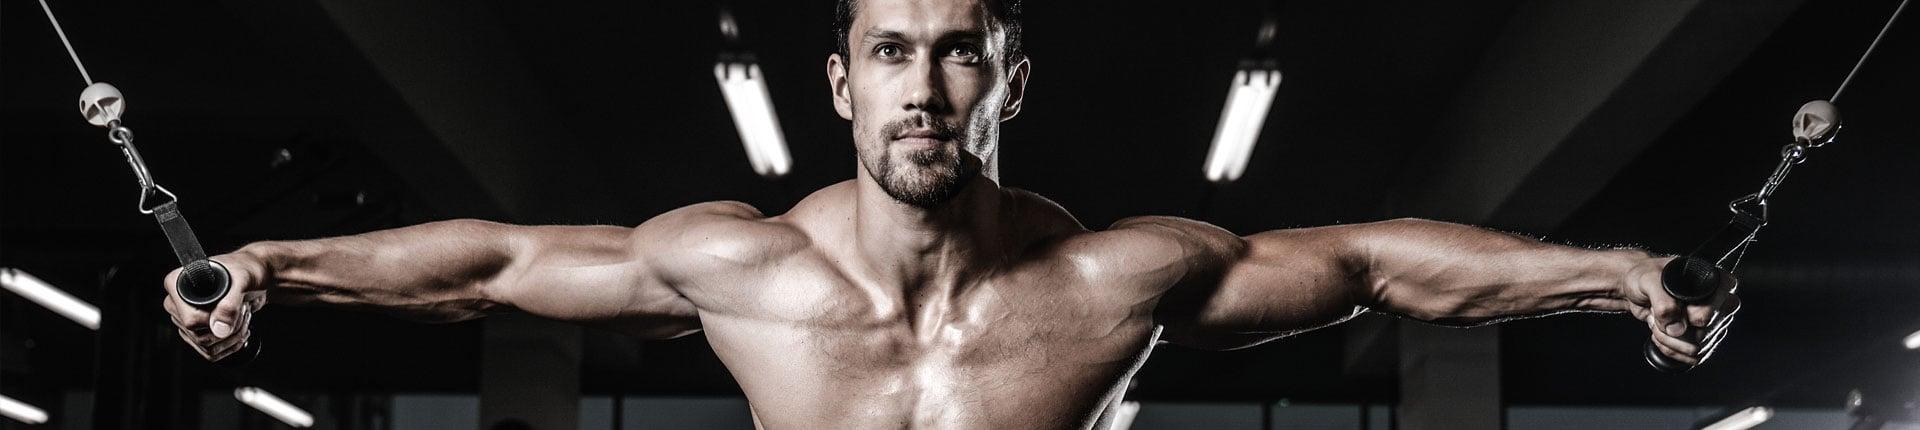 3 maszyny które urozmaicą twój trening mięśni klatki piersiowej